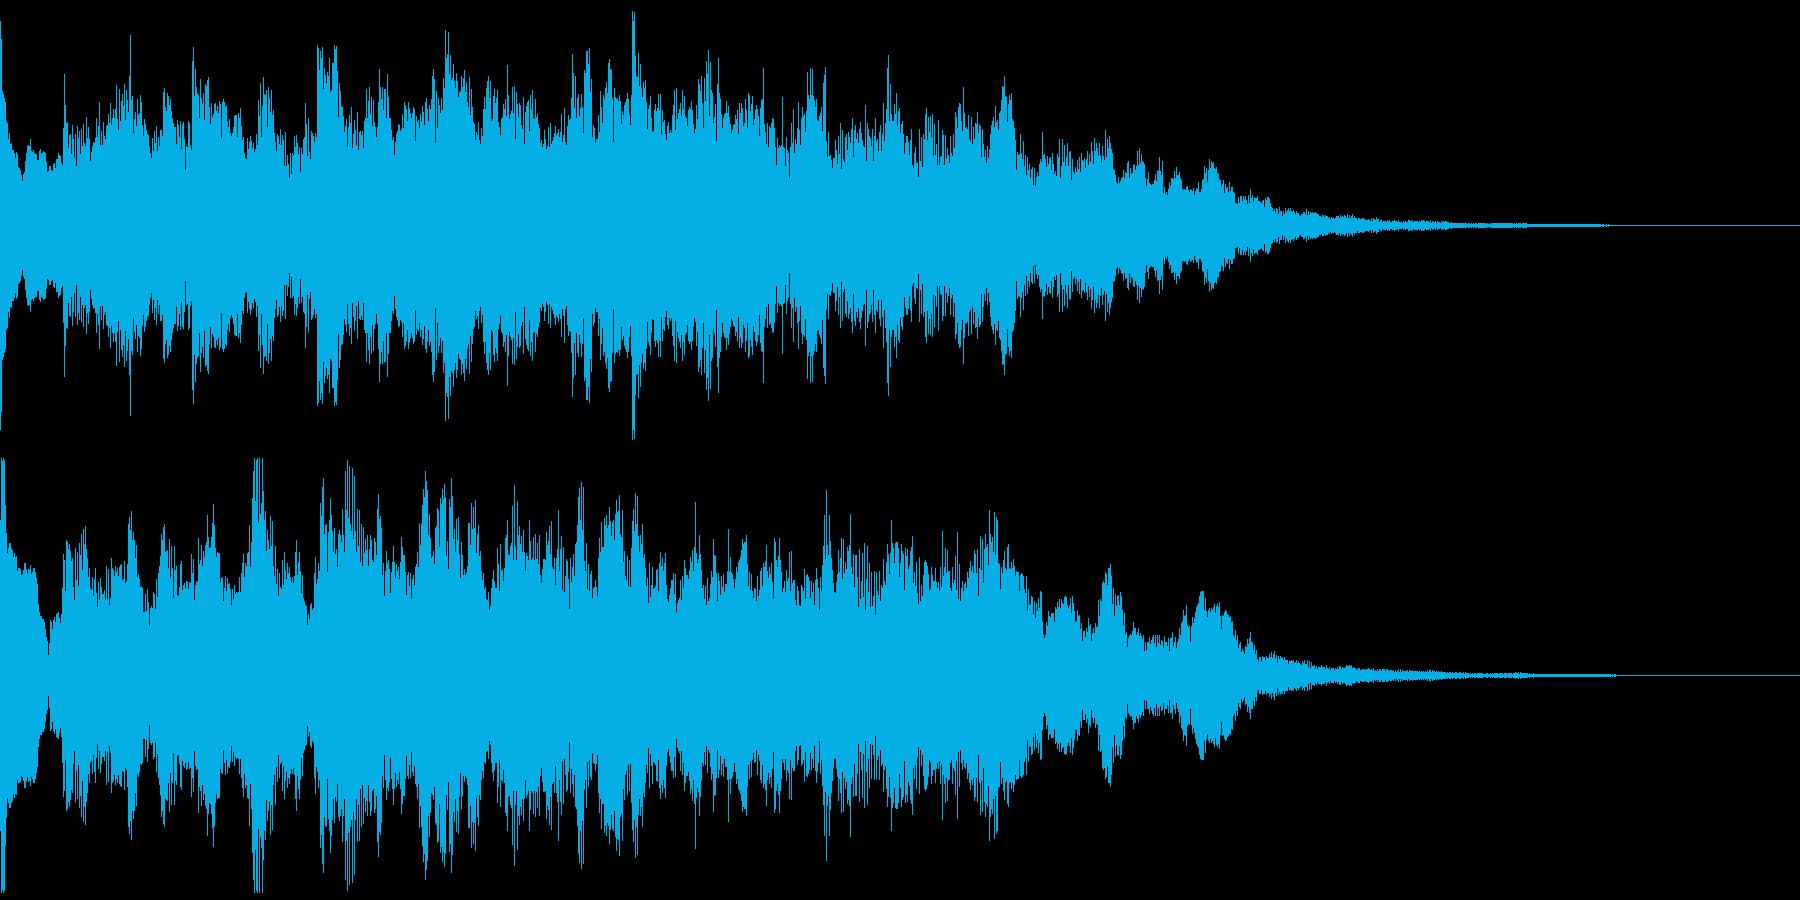 サウンドロゴ、5秒CM、場面転換verFの再生済みの波形